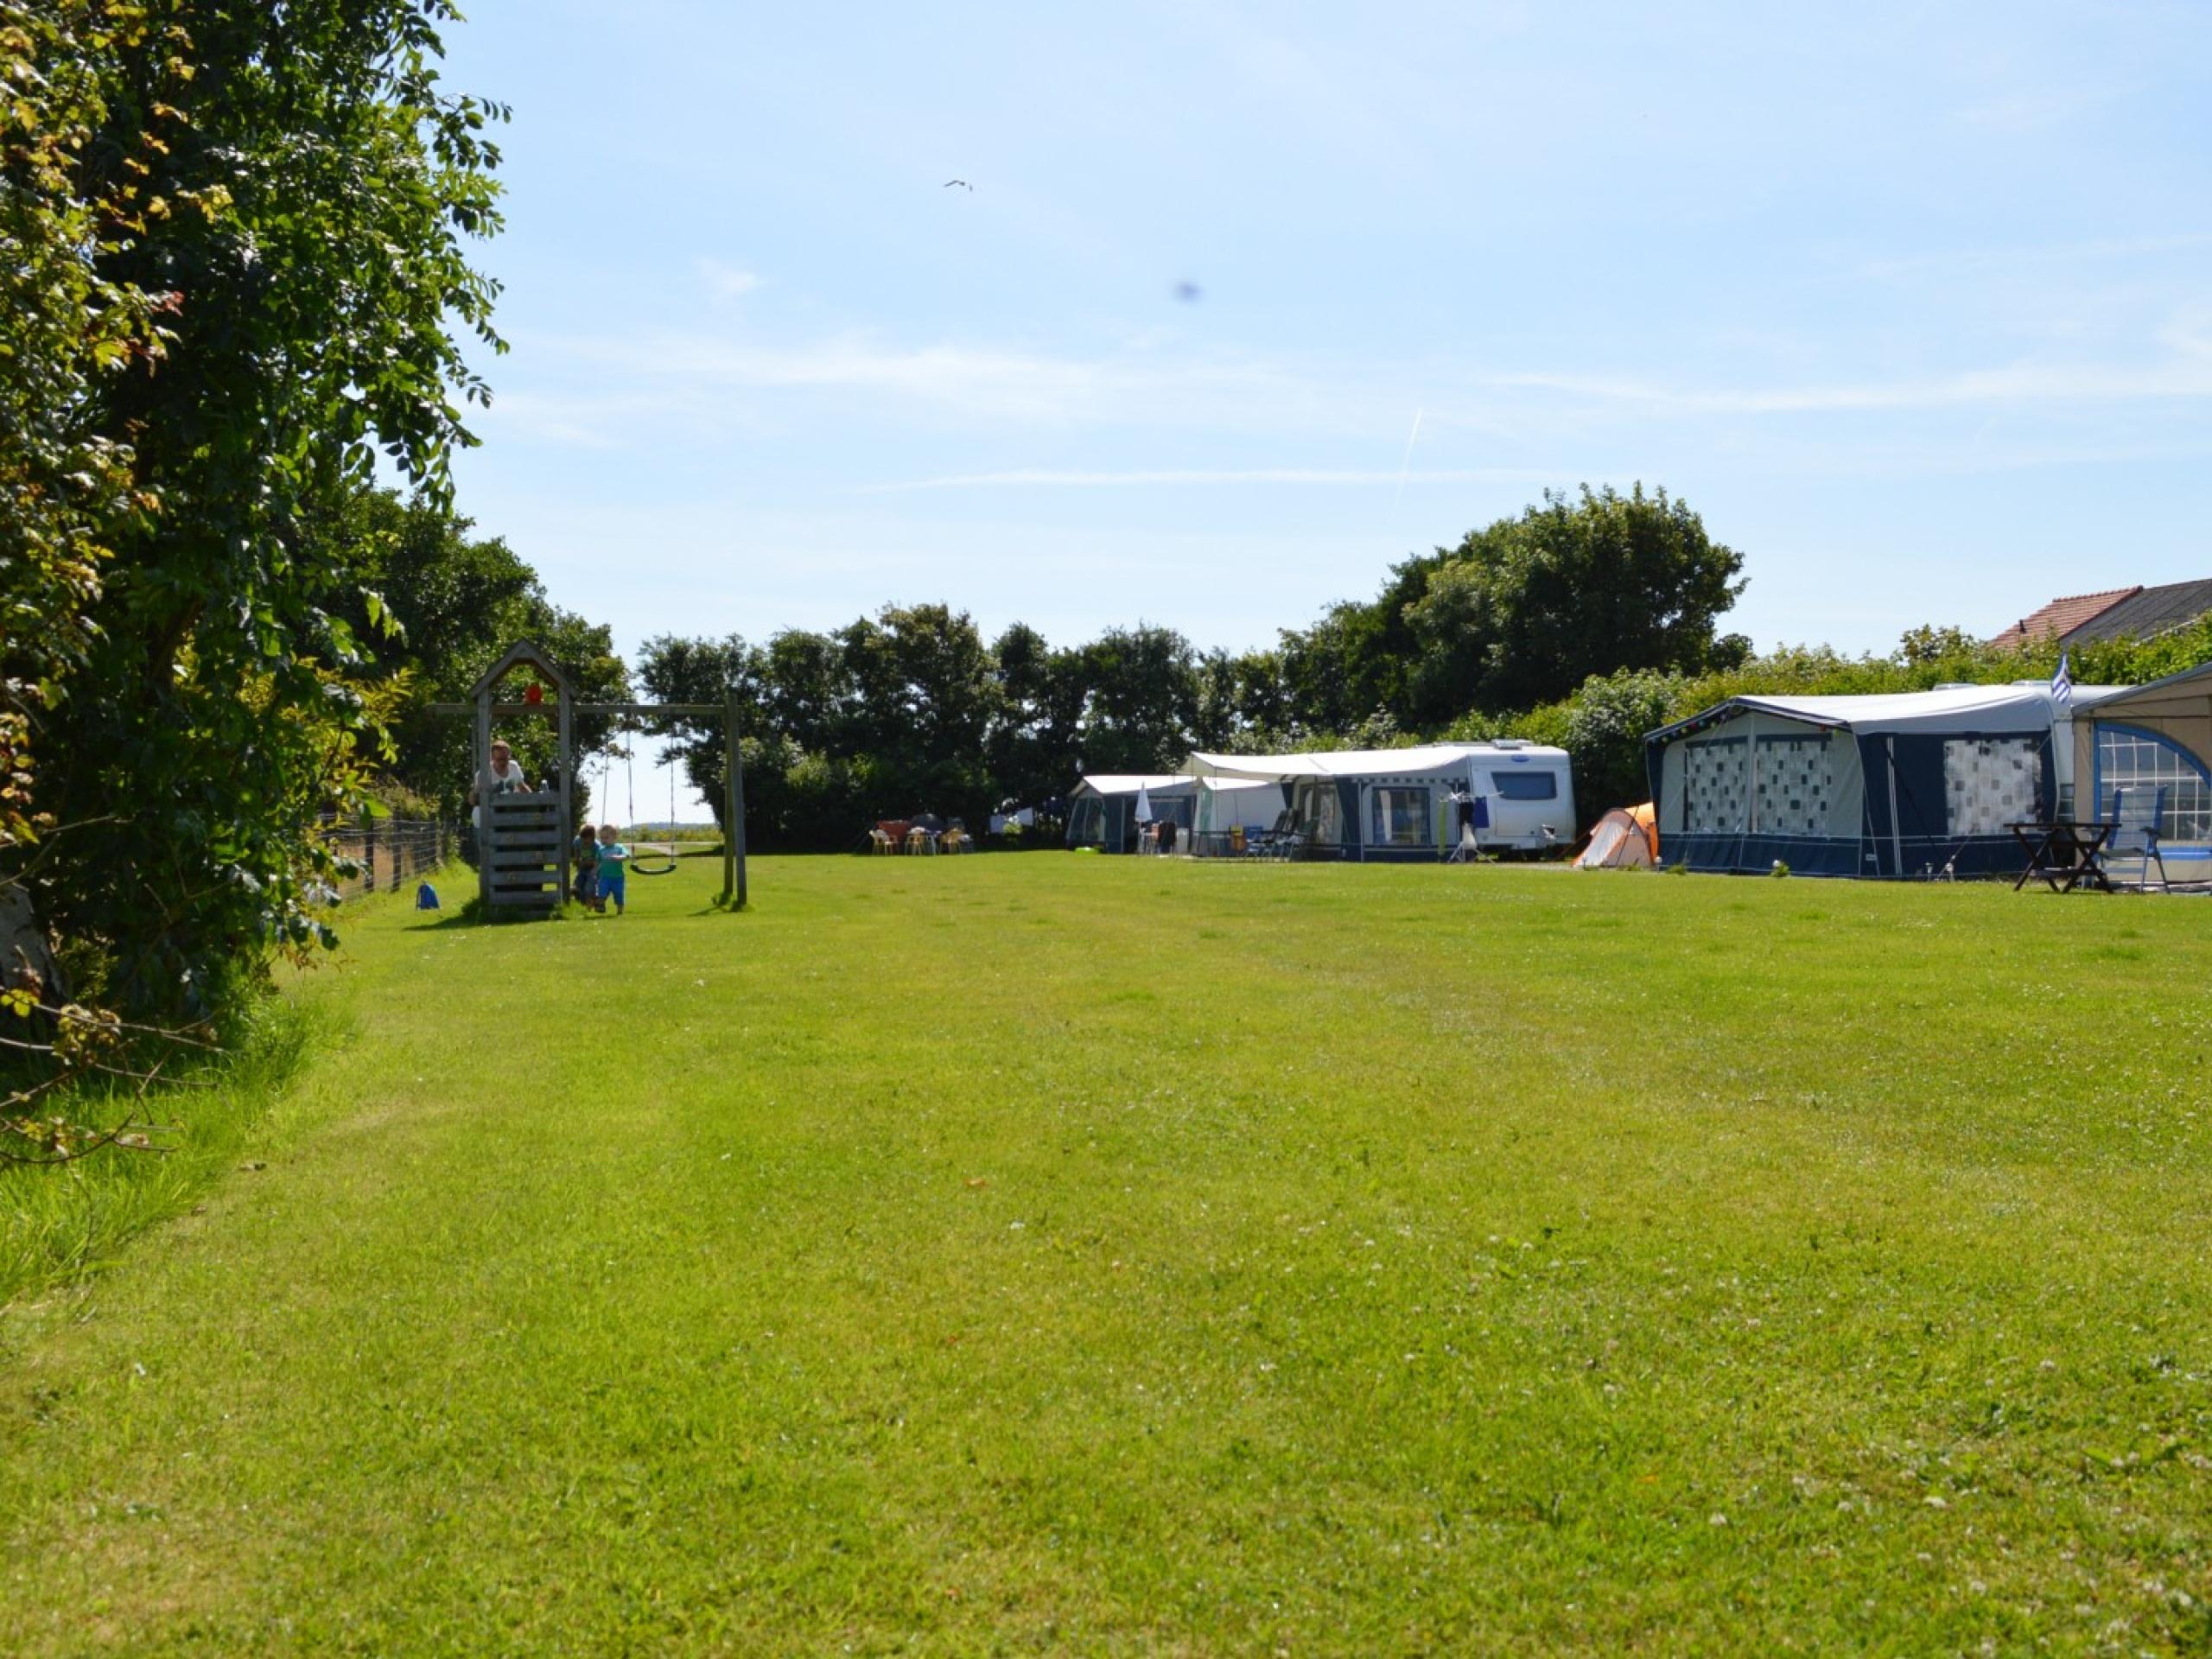 Herrlich campen an schönem ruhigem Ort bei De Cocksdorp